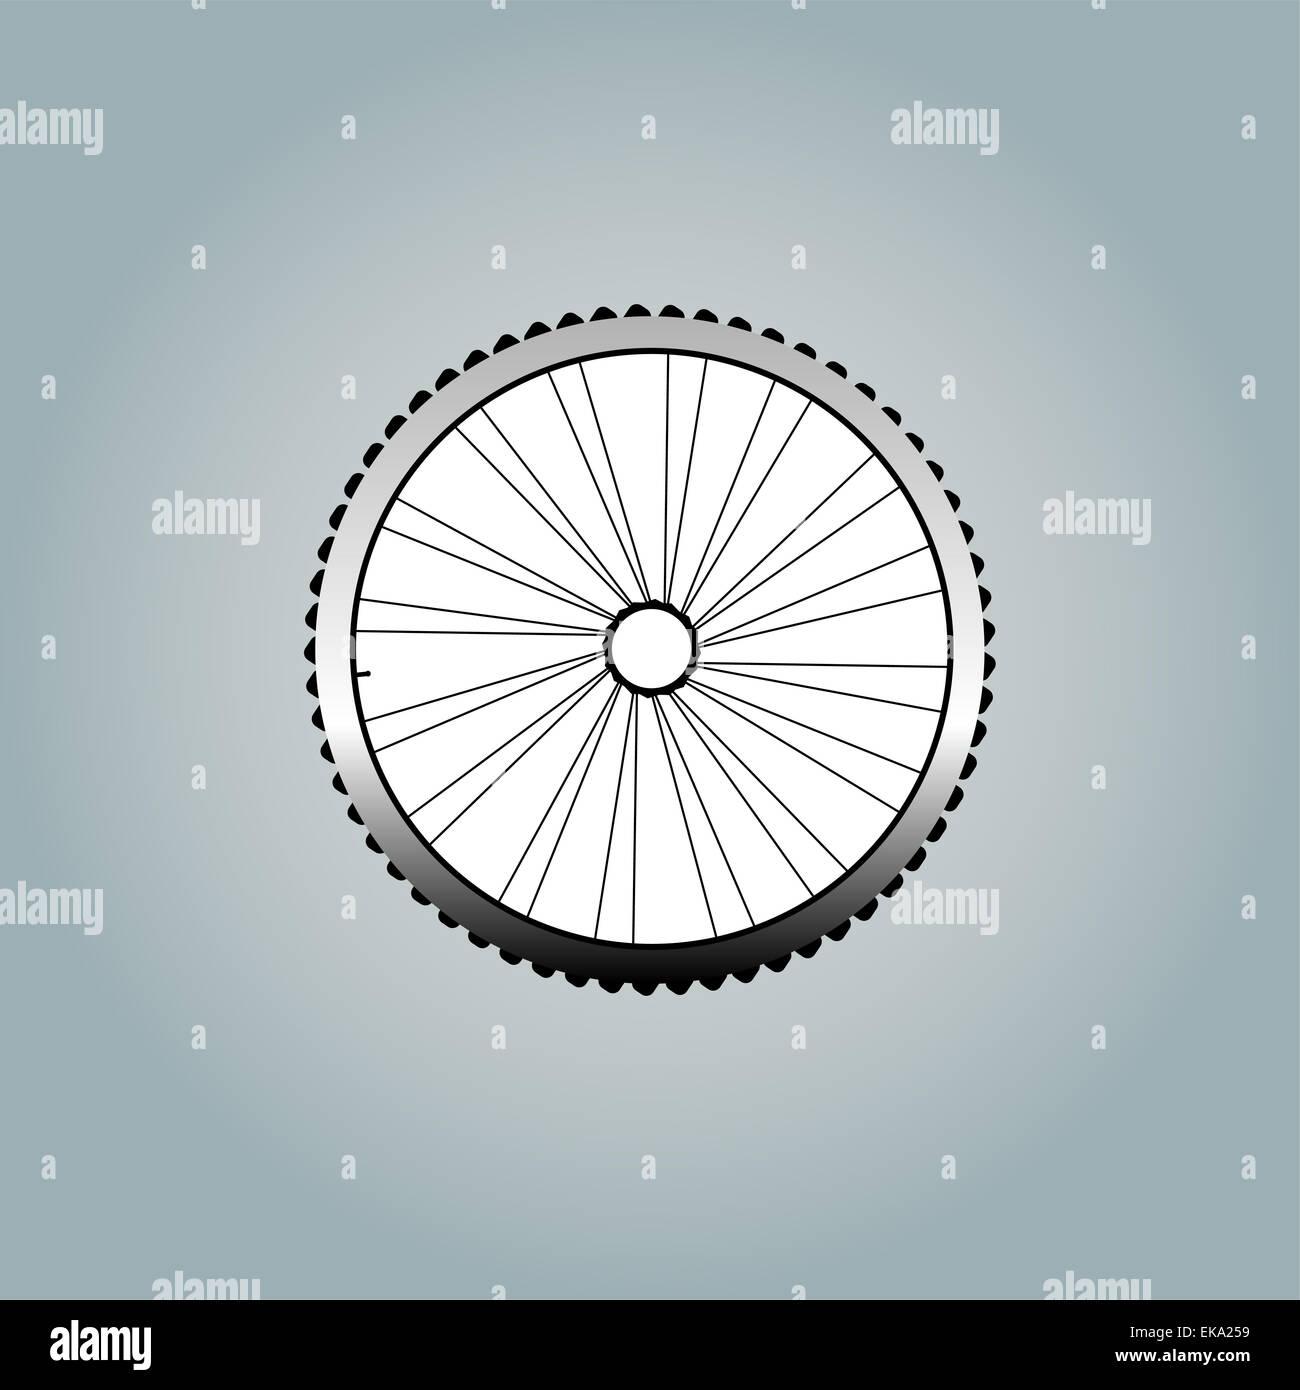 Verschiedene Fahrräder Stockfotos und bilder Kaufen Alamy